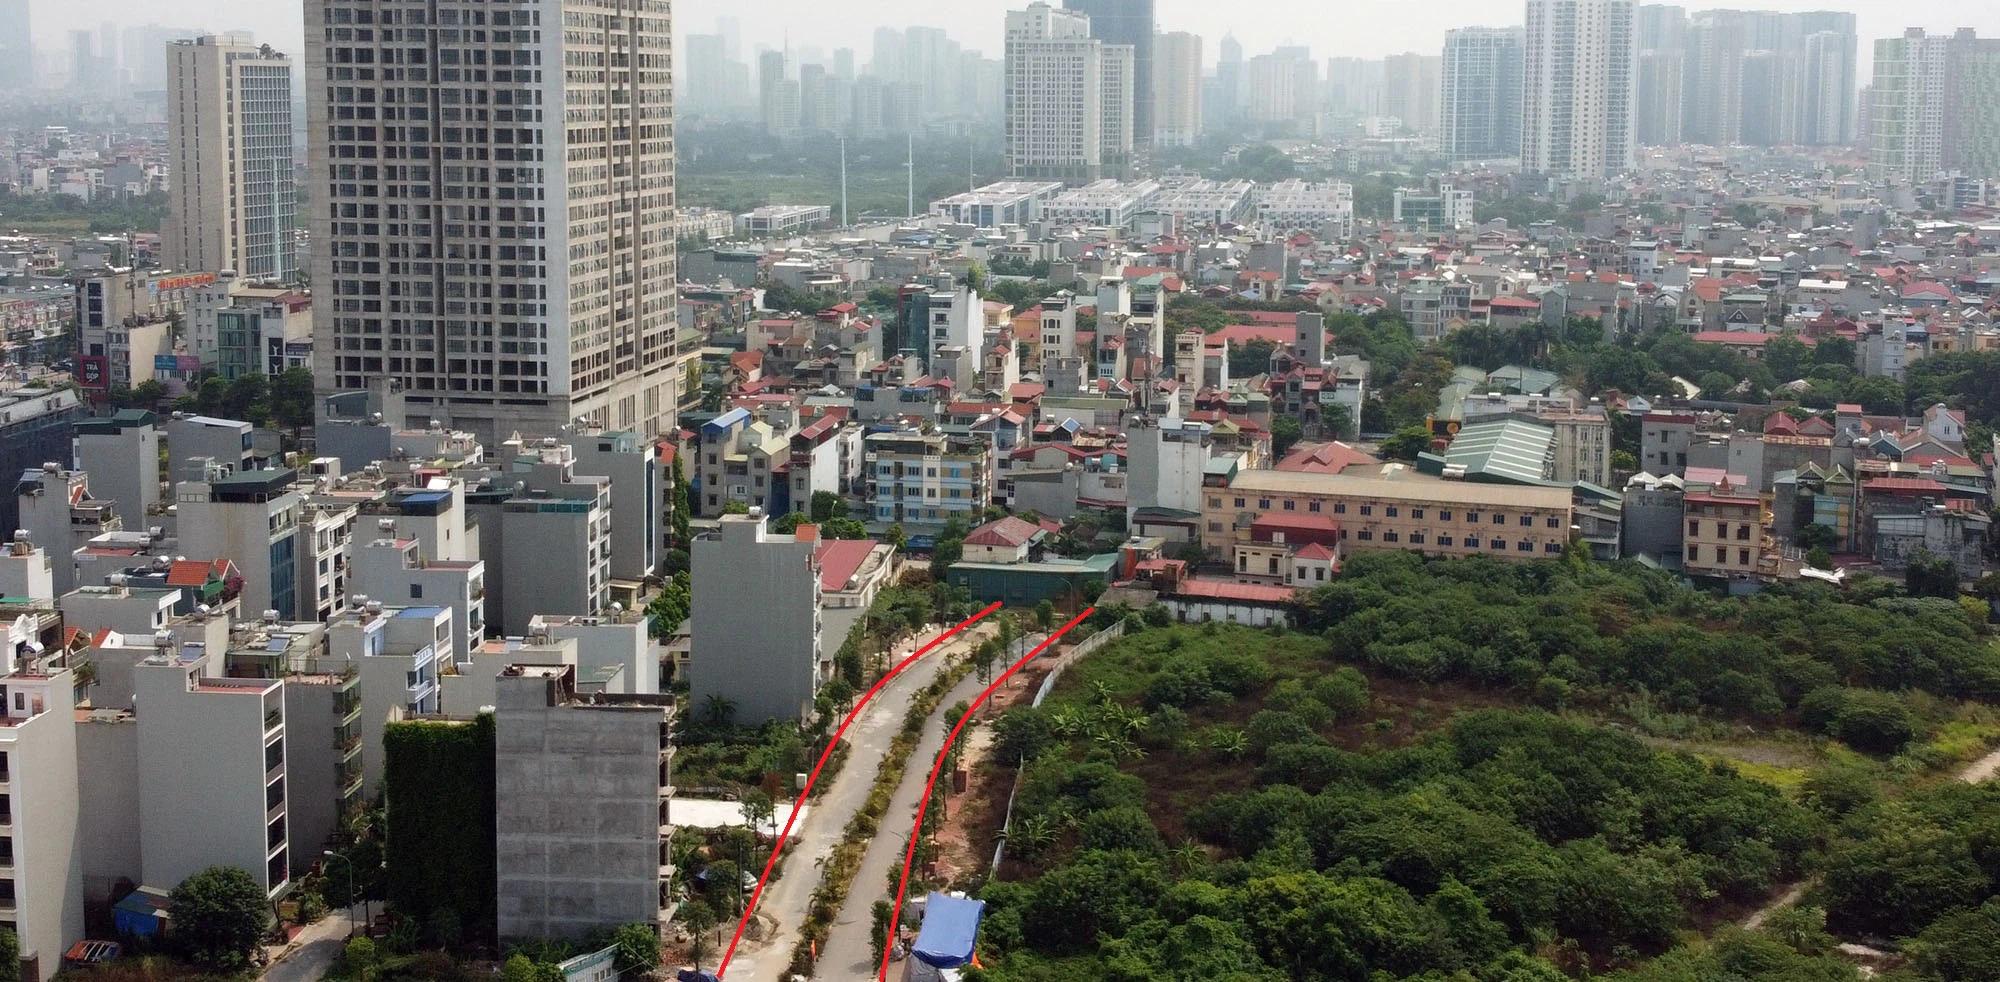 Kế hoạch sử dụng đất phường Vạn Phúc, Hà Đông, Hà Nội năm 2021 - Ảnh 1.